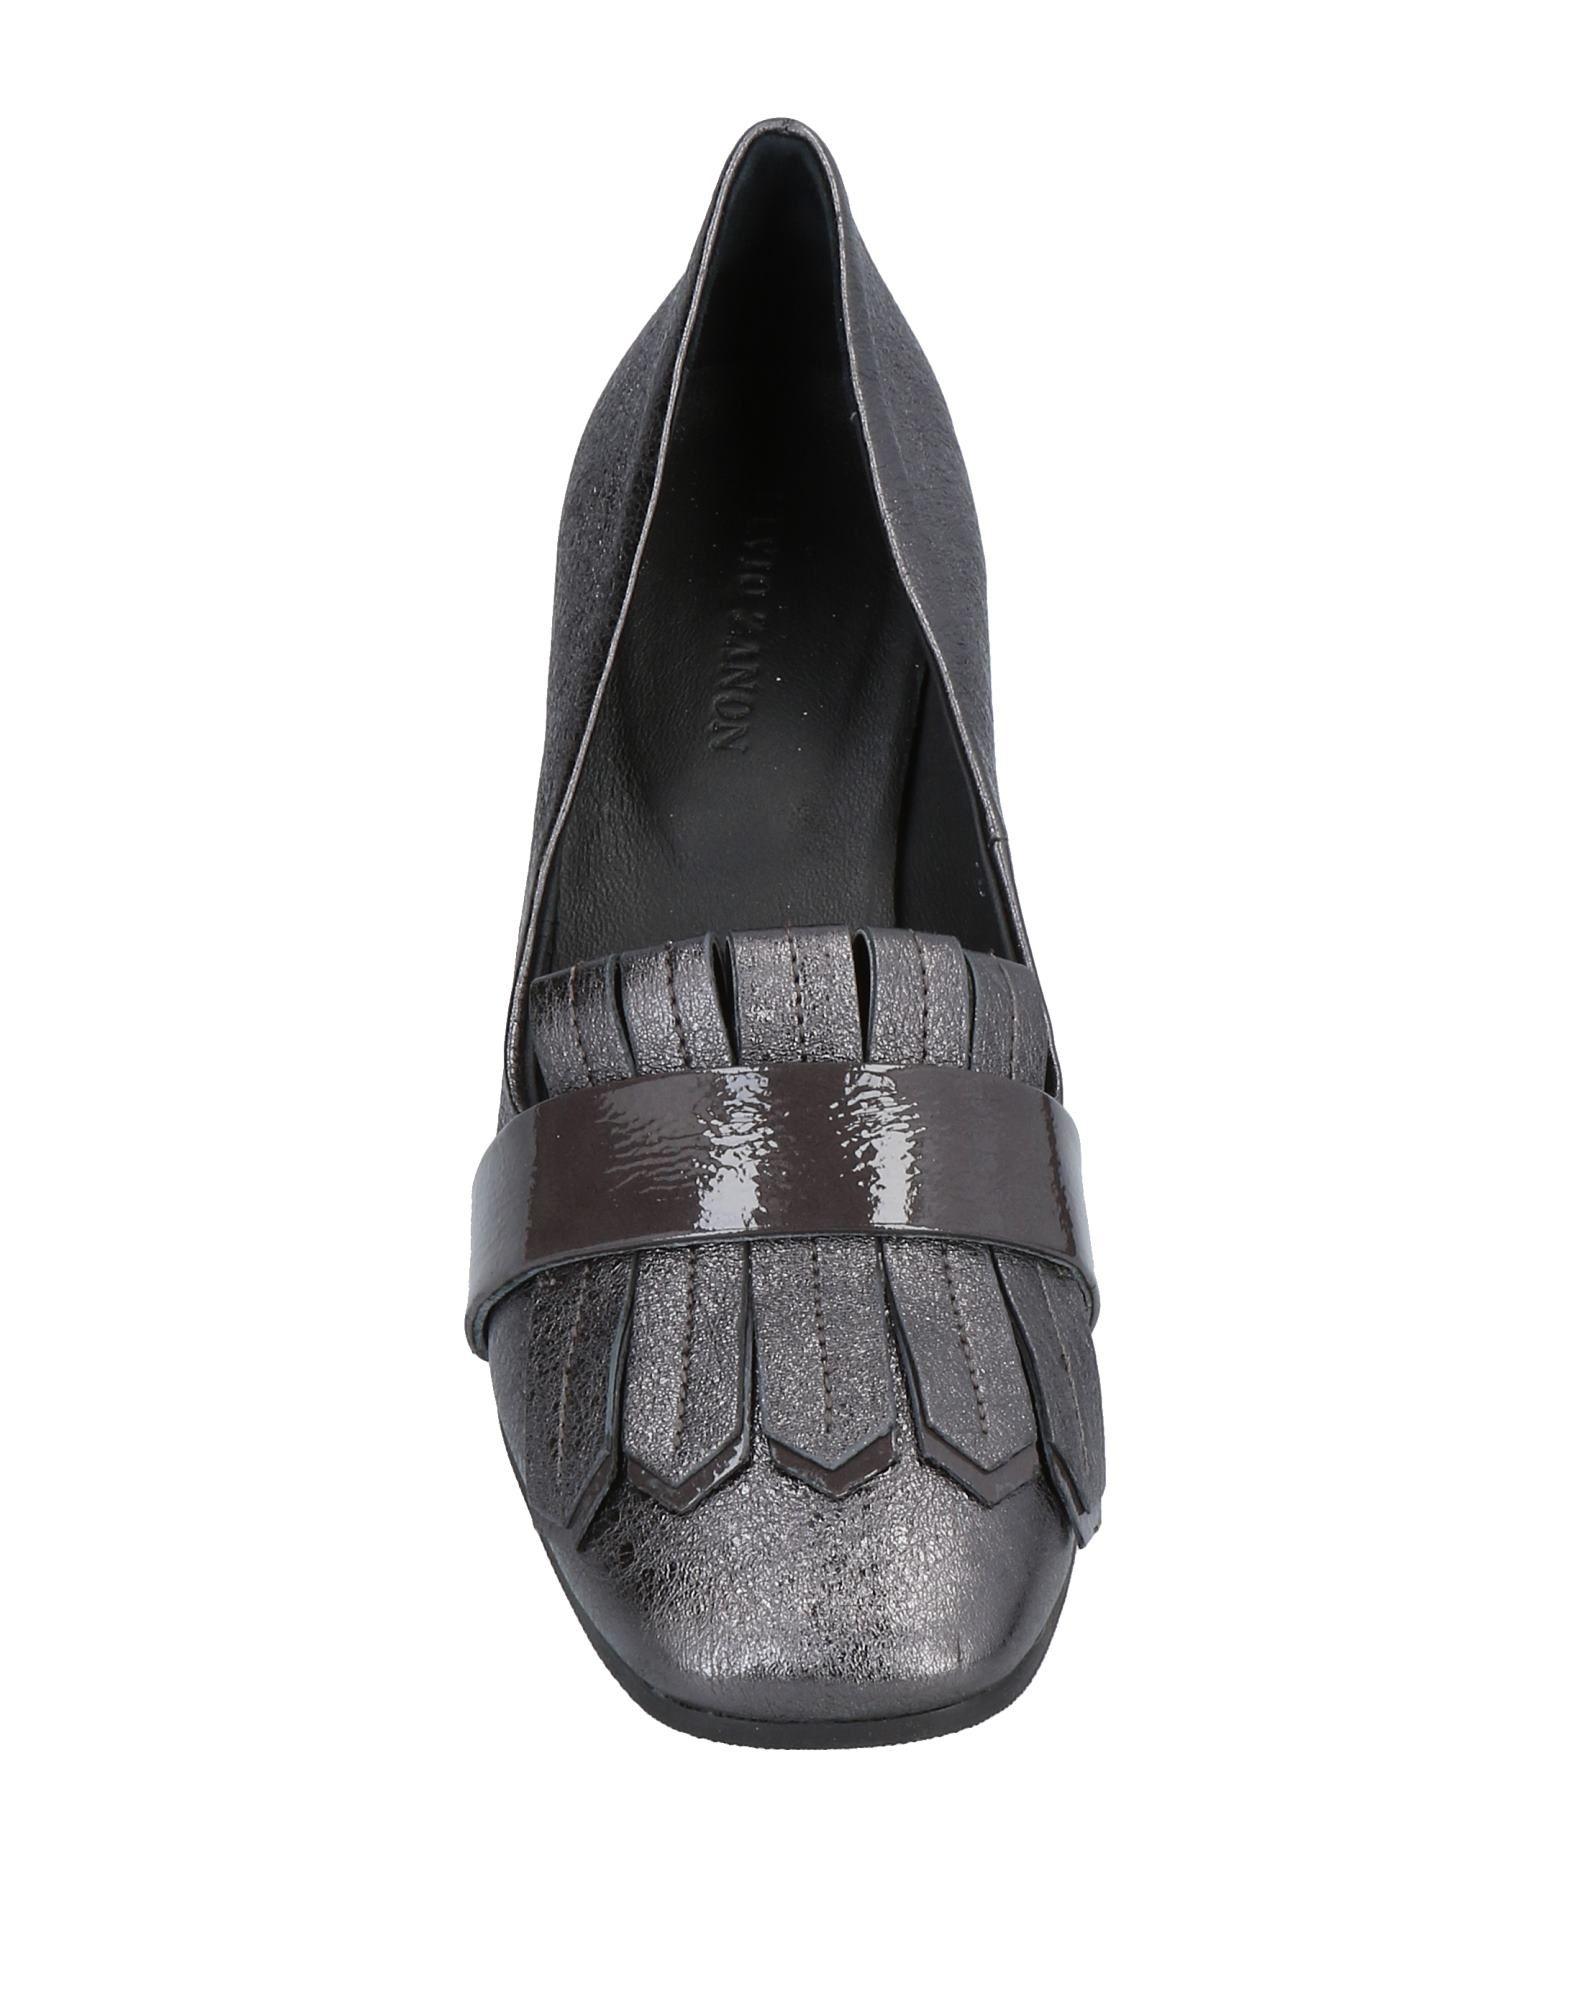 Elvio 11496037CV Zanon Mokassins Damen  11496037CV Elvio Gute Qualität beliebte Schuhe 95ceca